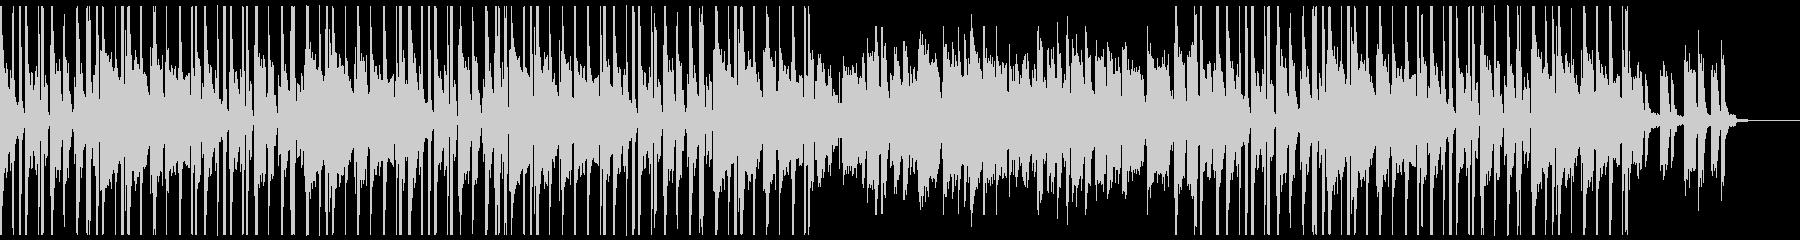 シンプルな電子ピアノR&Bフレーズの未再生の波形